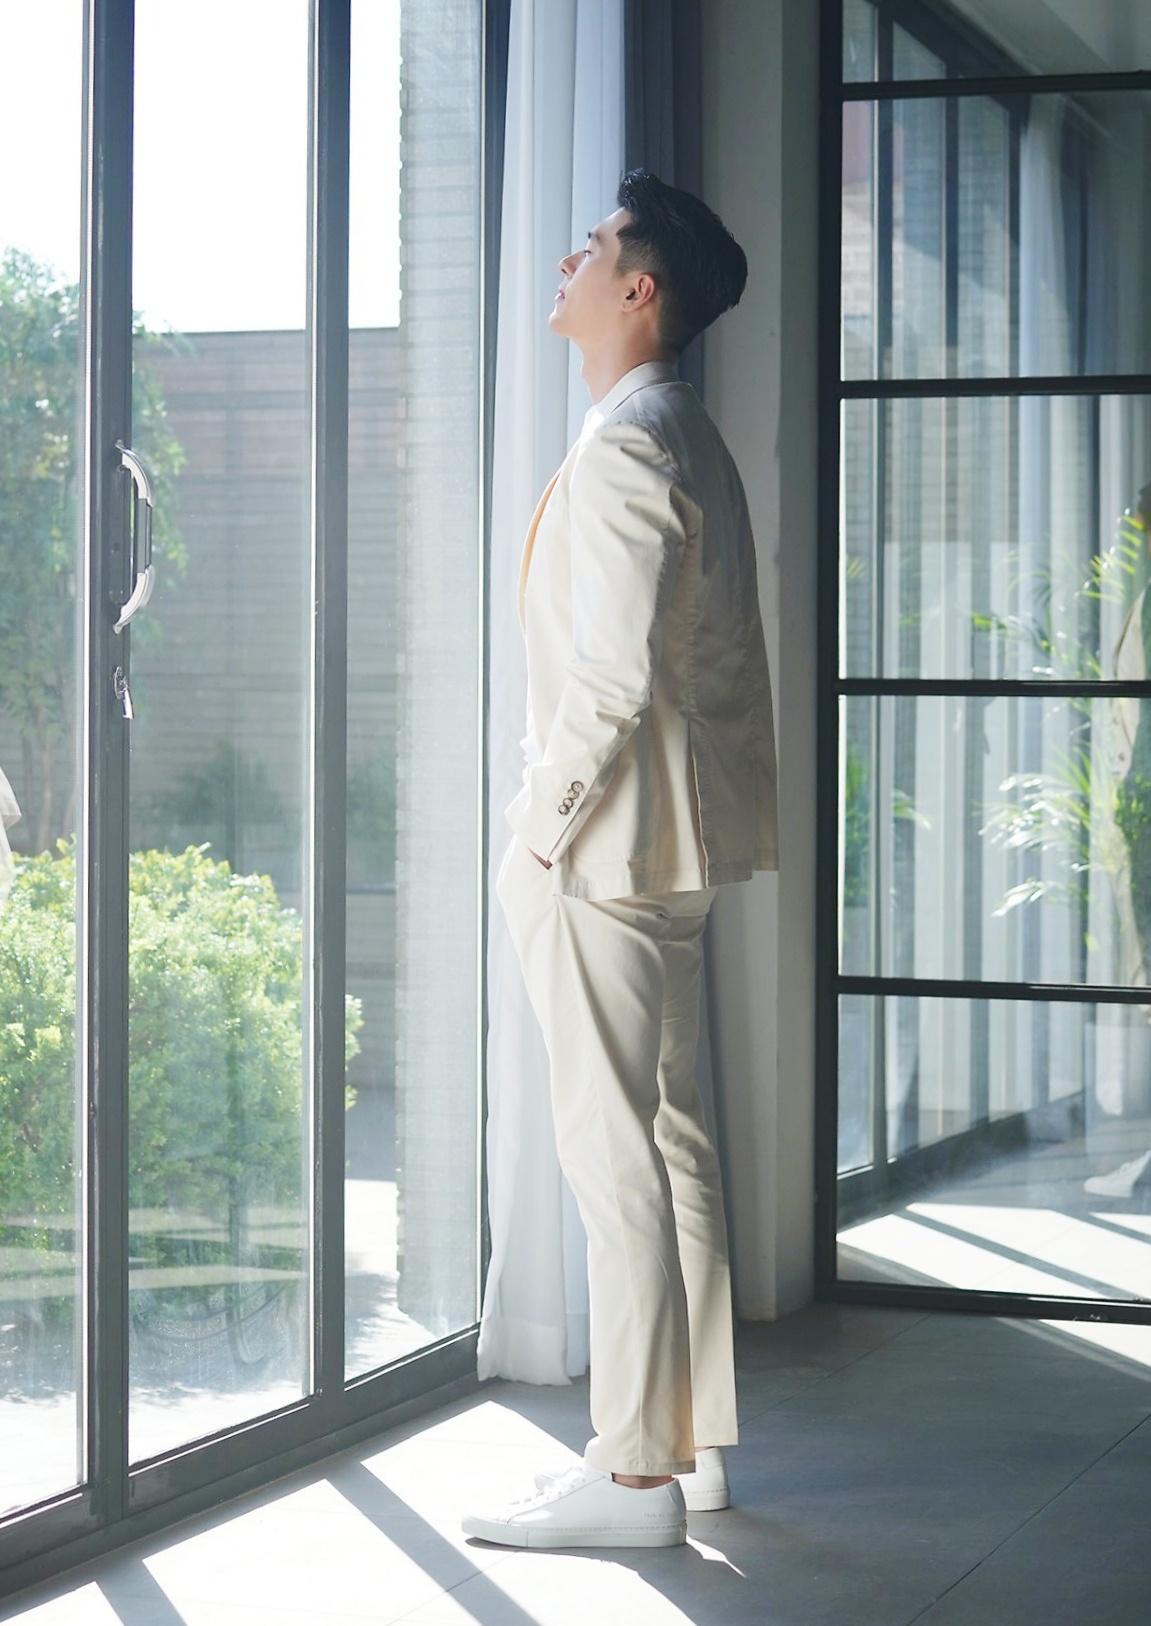 Khán giả viết trên Pann, Naver: Hình thể và vóc dáng Hyun Bin, quá lý tưởng. Chiều cao 1,85 m giúp anh ấy nổi bật trong mọi phong cách, Anh ấy là một trong những nam diễn viên mặc suit sáng màu đẹp nhất Hàn Quốc, Ngây ngất với loạt ảnh cười thấy rõ má lúm đồng tiền của anh ấy, Danh sách quý ông độc thân, hấp dẫn nhất Hàn Quốc luôn có tên Hyun Bin...